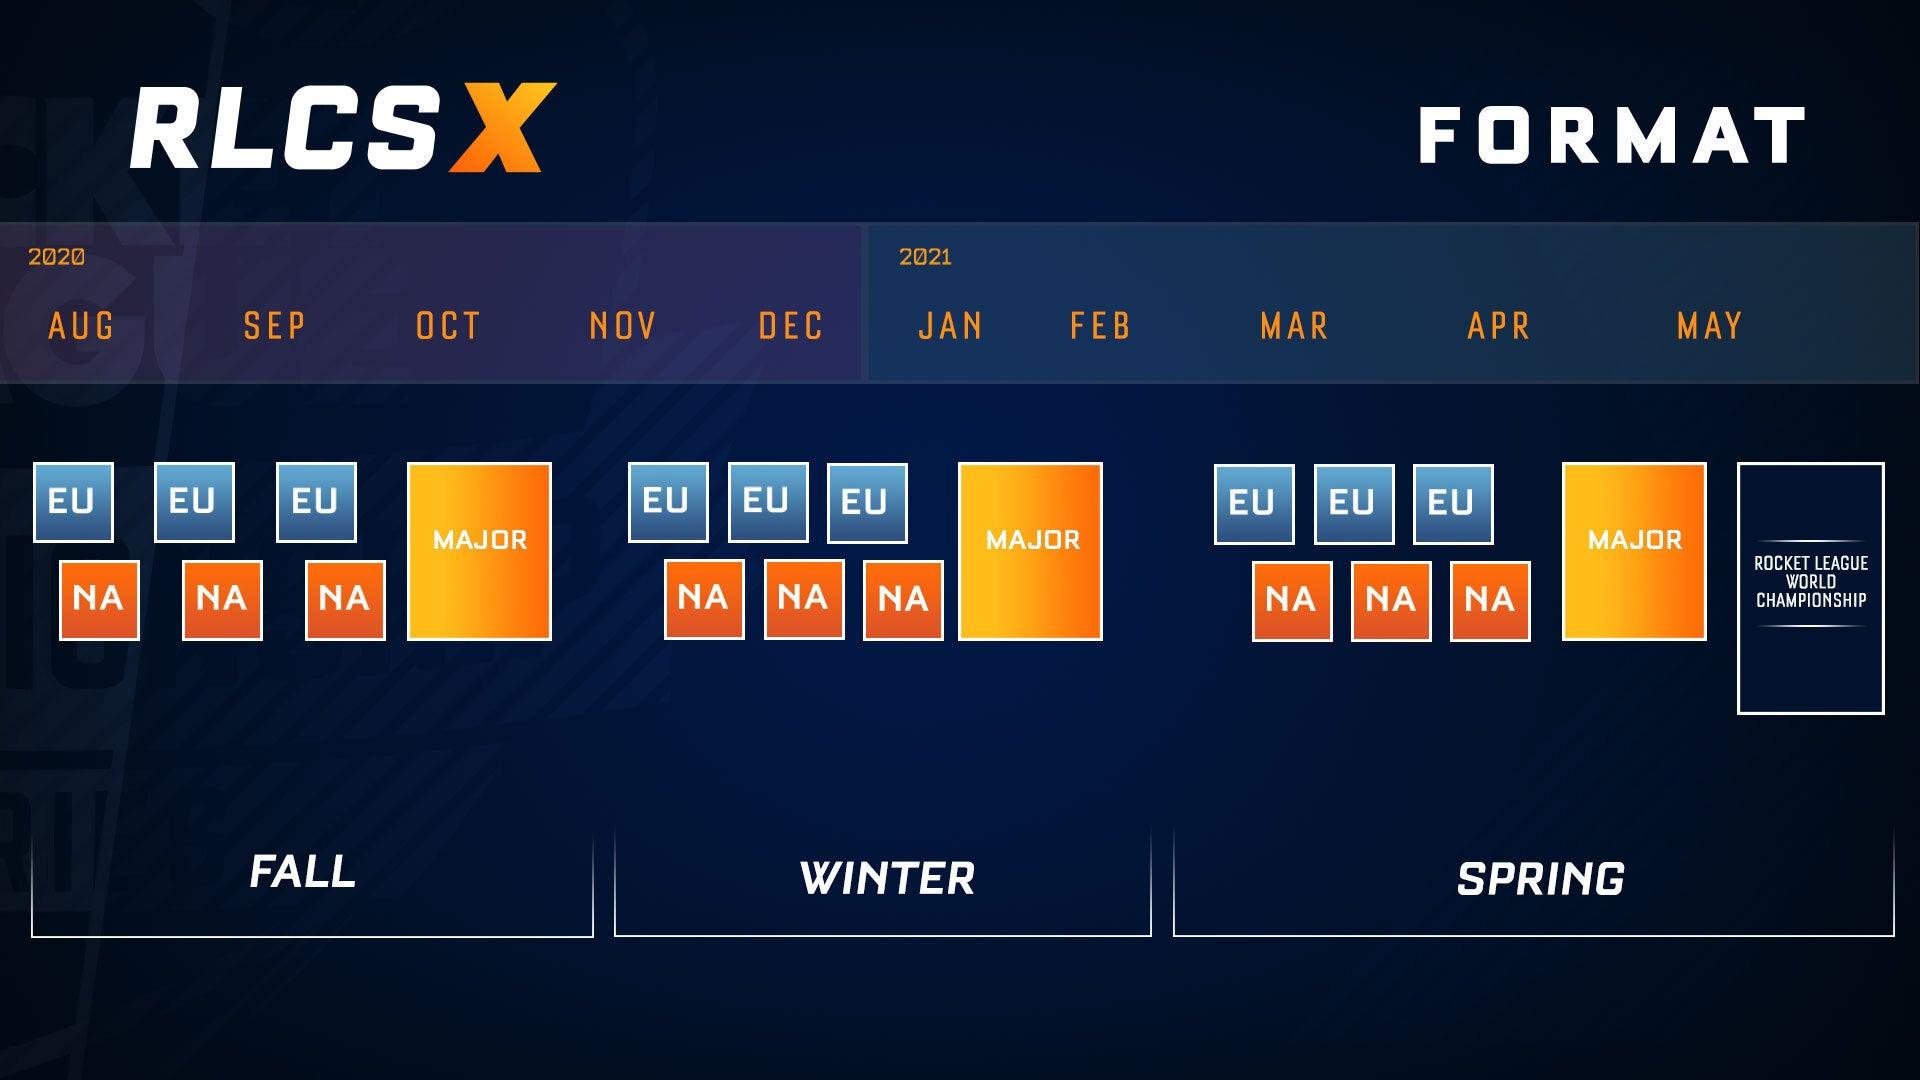 RLCS X Format